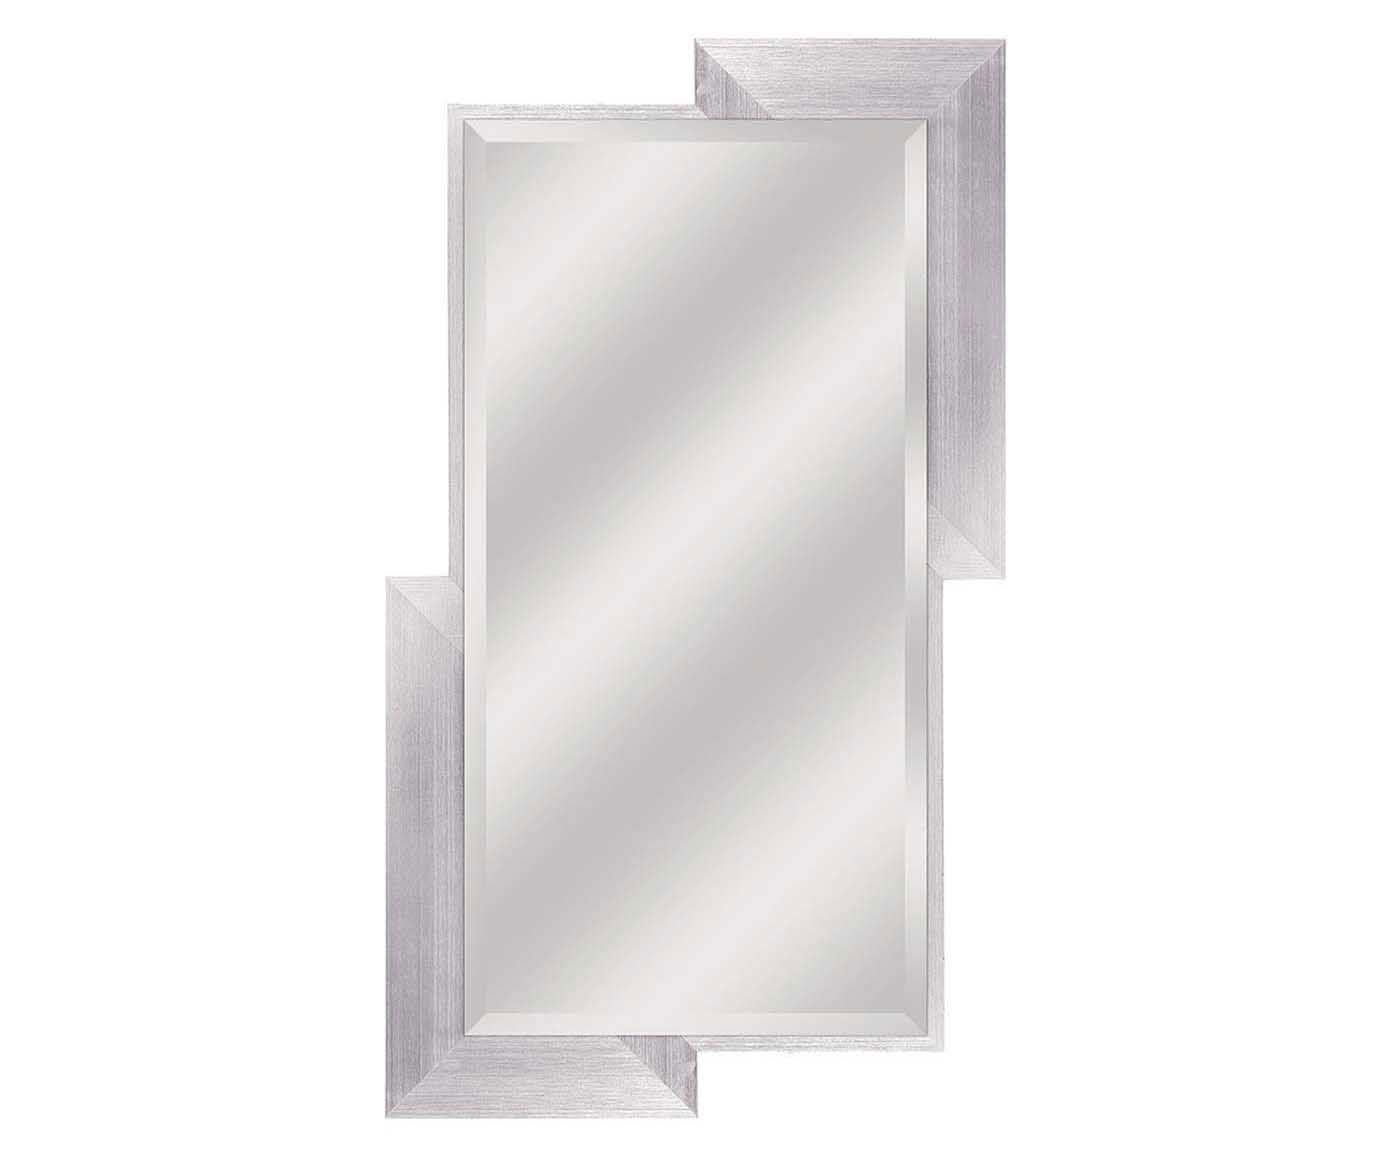 Espelho esplendor - 68x118cm | Westwing.com.br